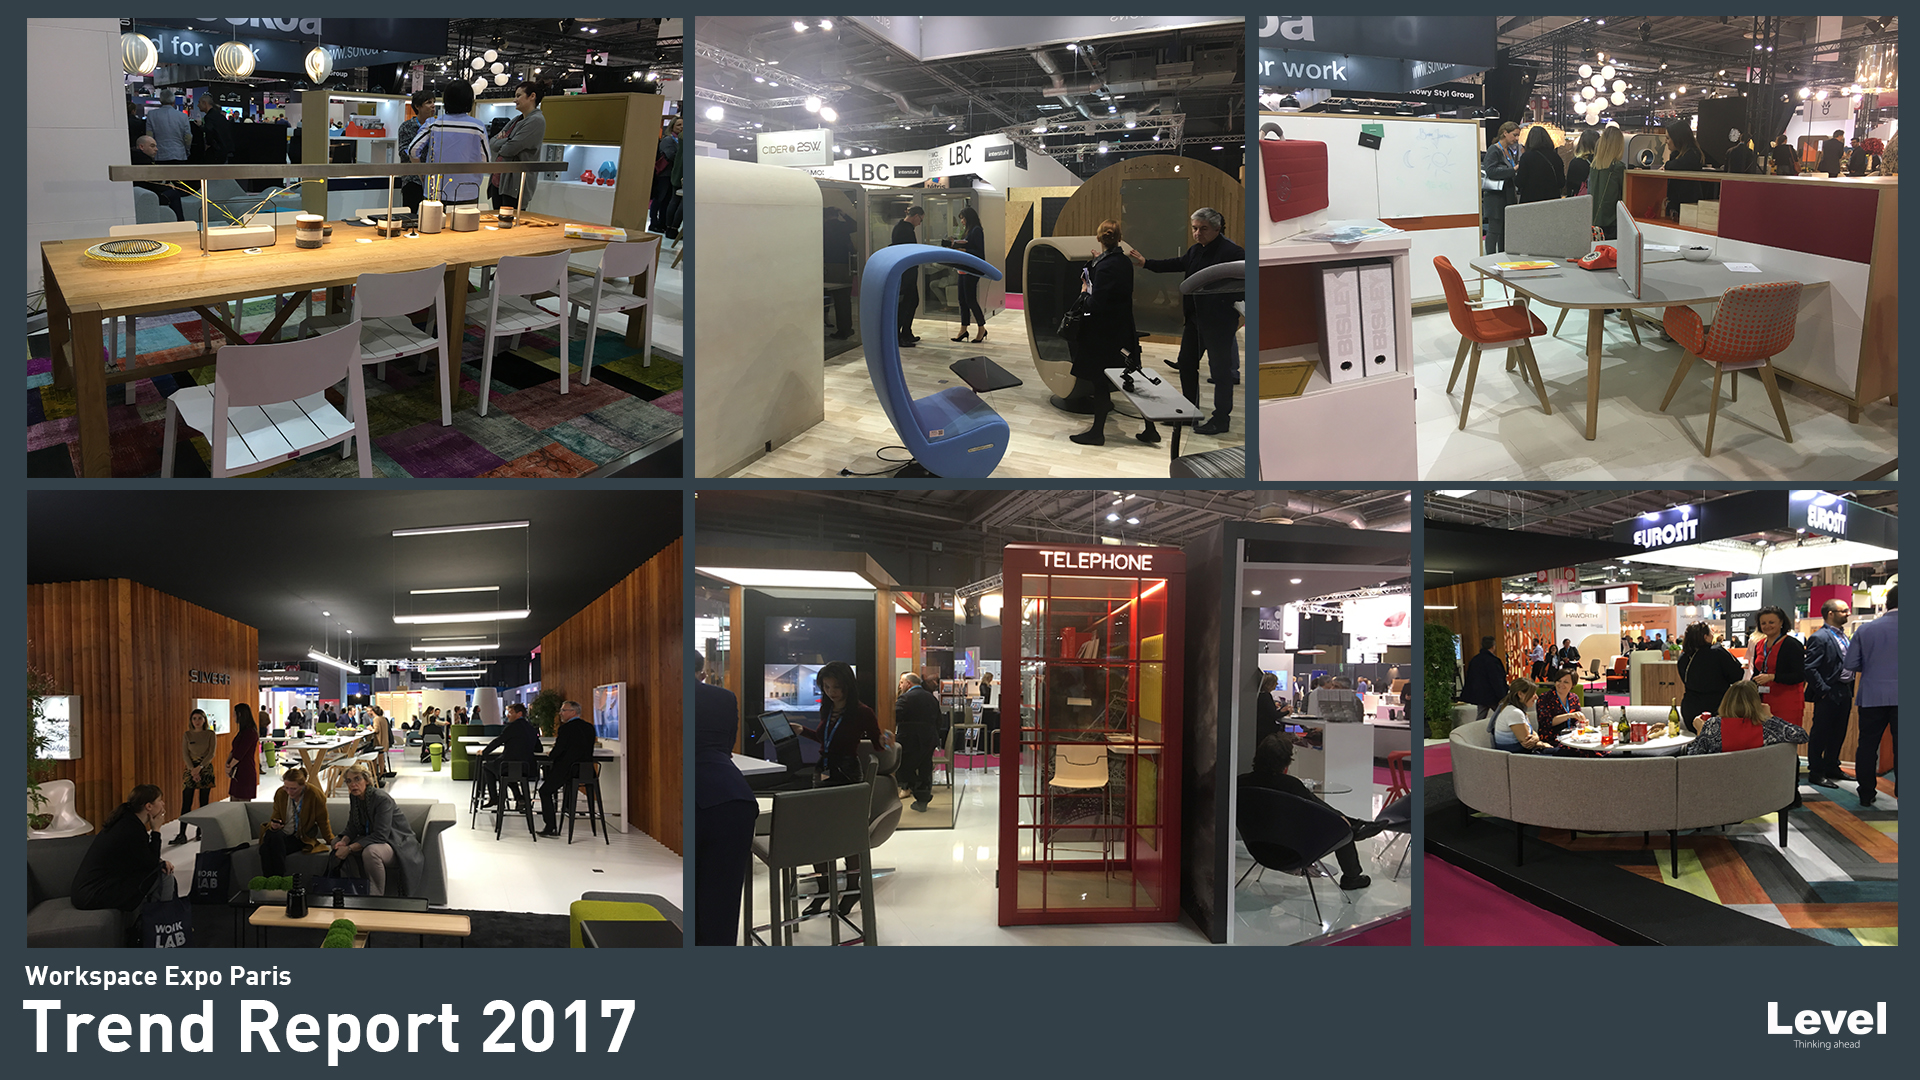 Workspace expo paris 2017 level office landscape level for Exposition paris 2017